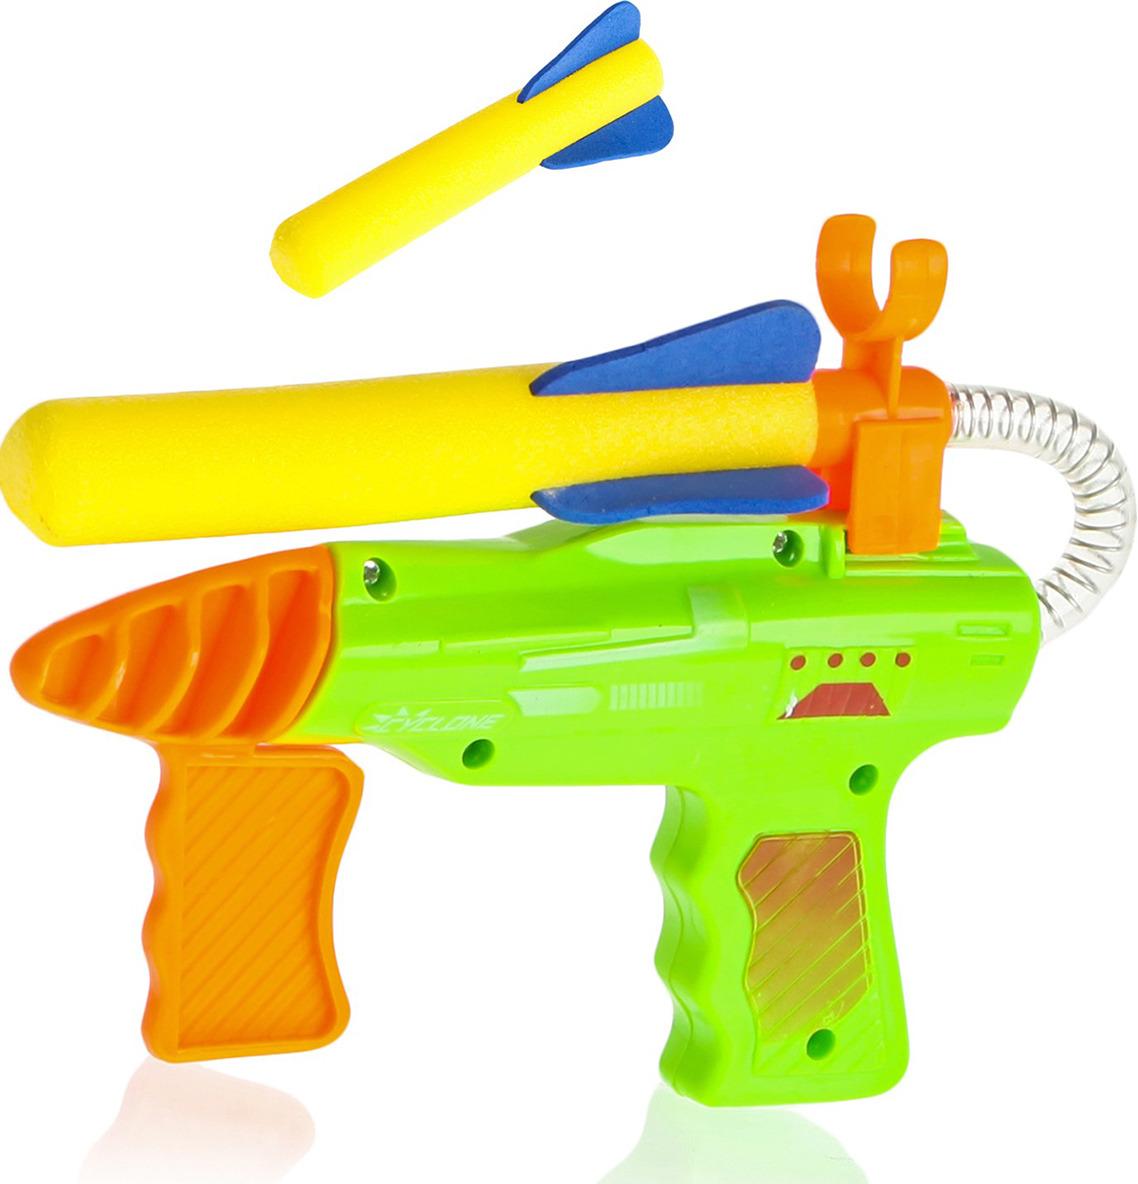 Игрушечное оружие Пистолет Воздушная атака, 2894991 игрушечное оружие пистолет воздушная атака 2894991